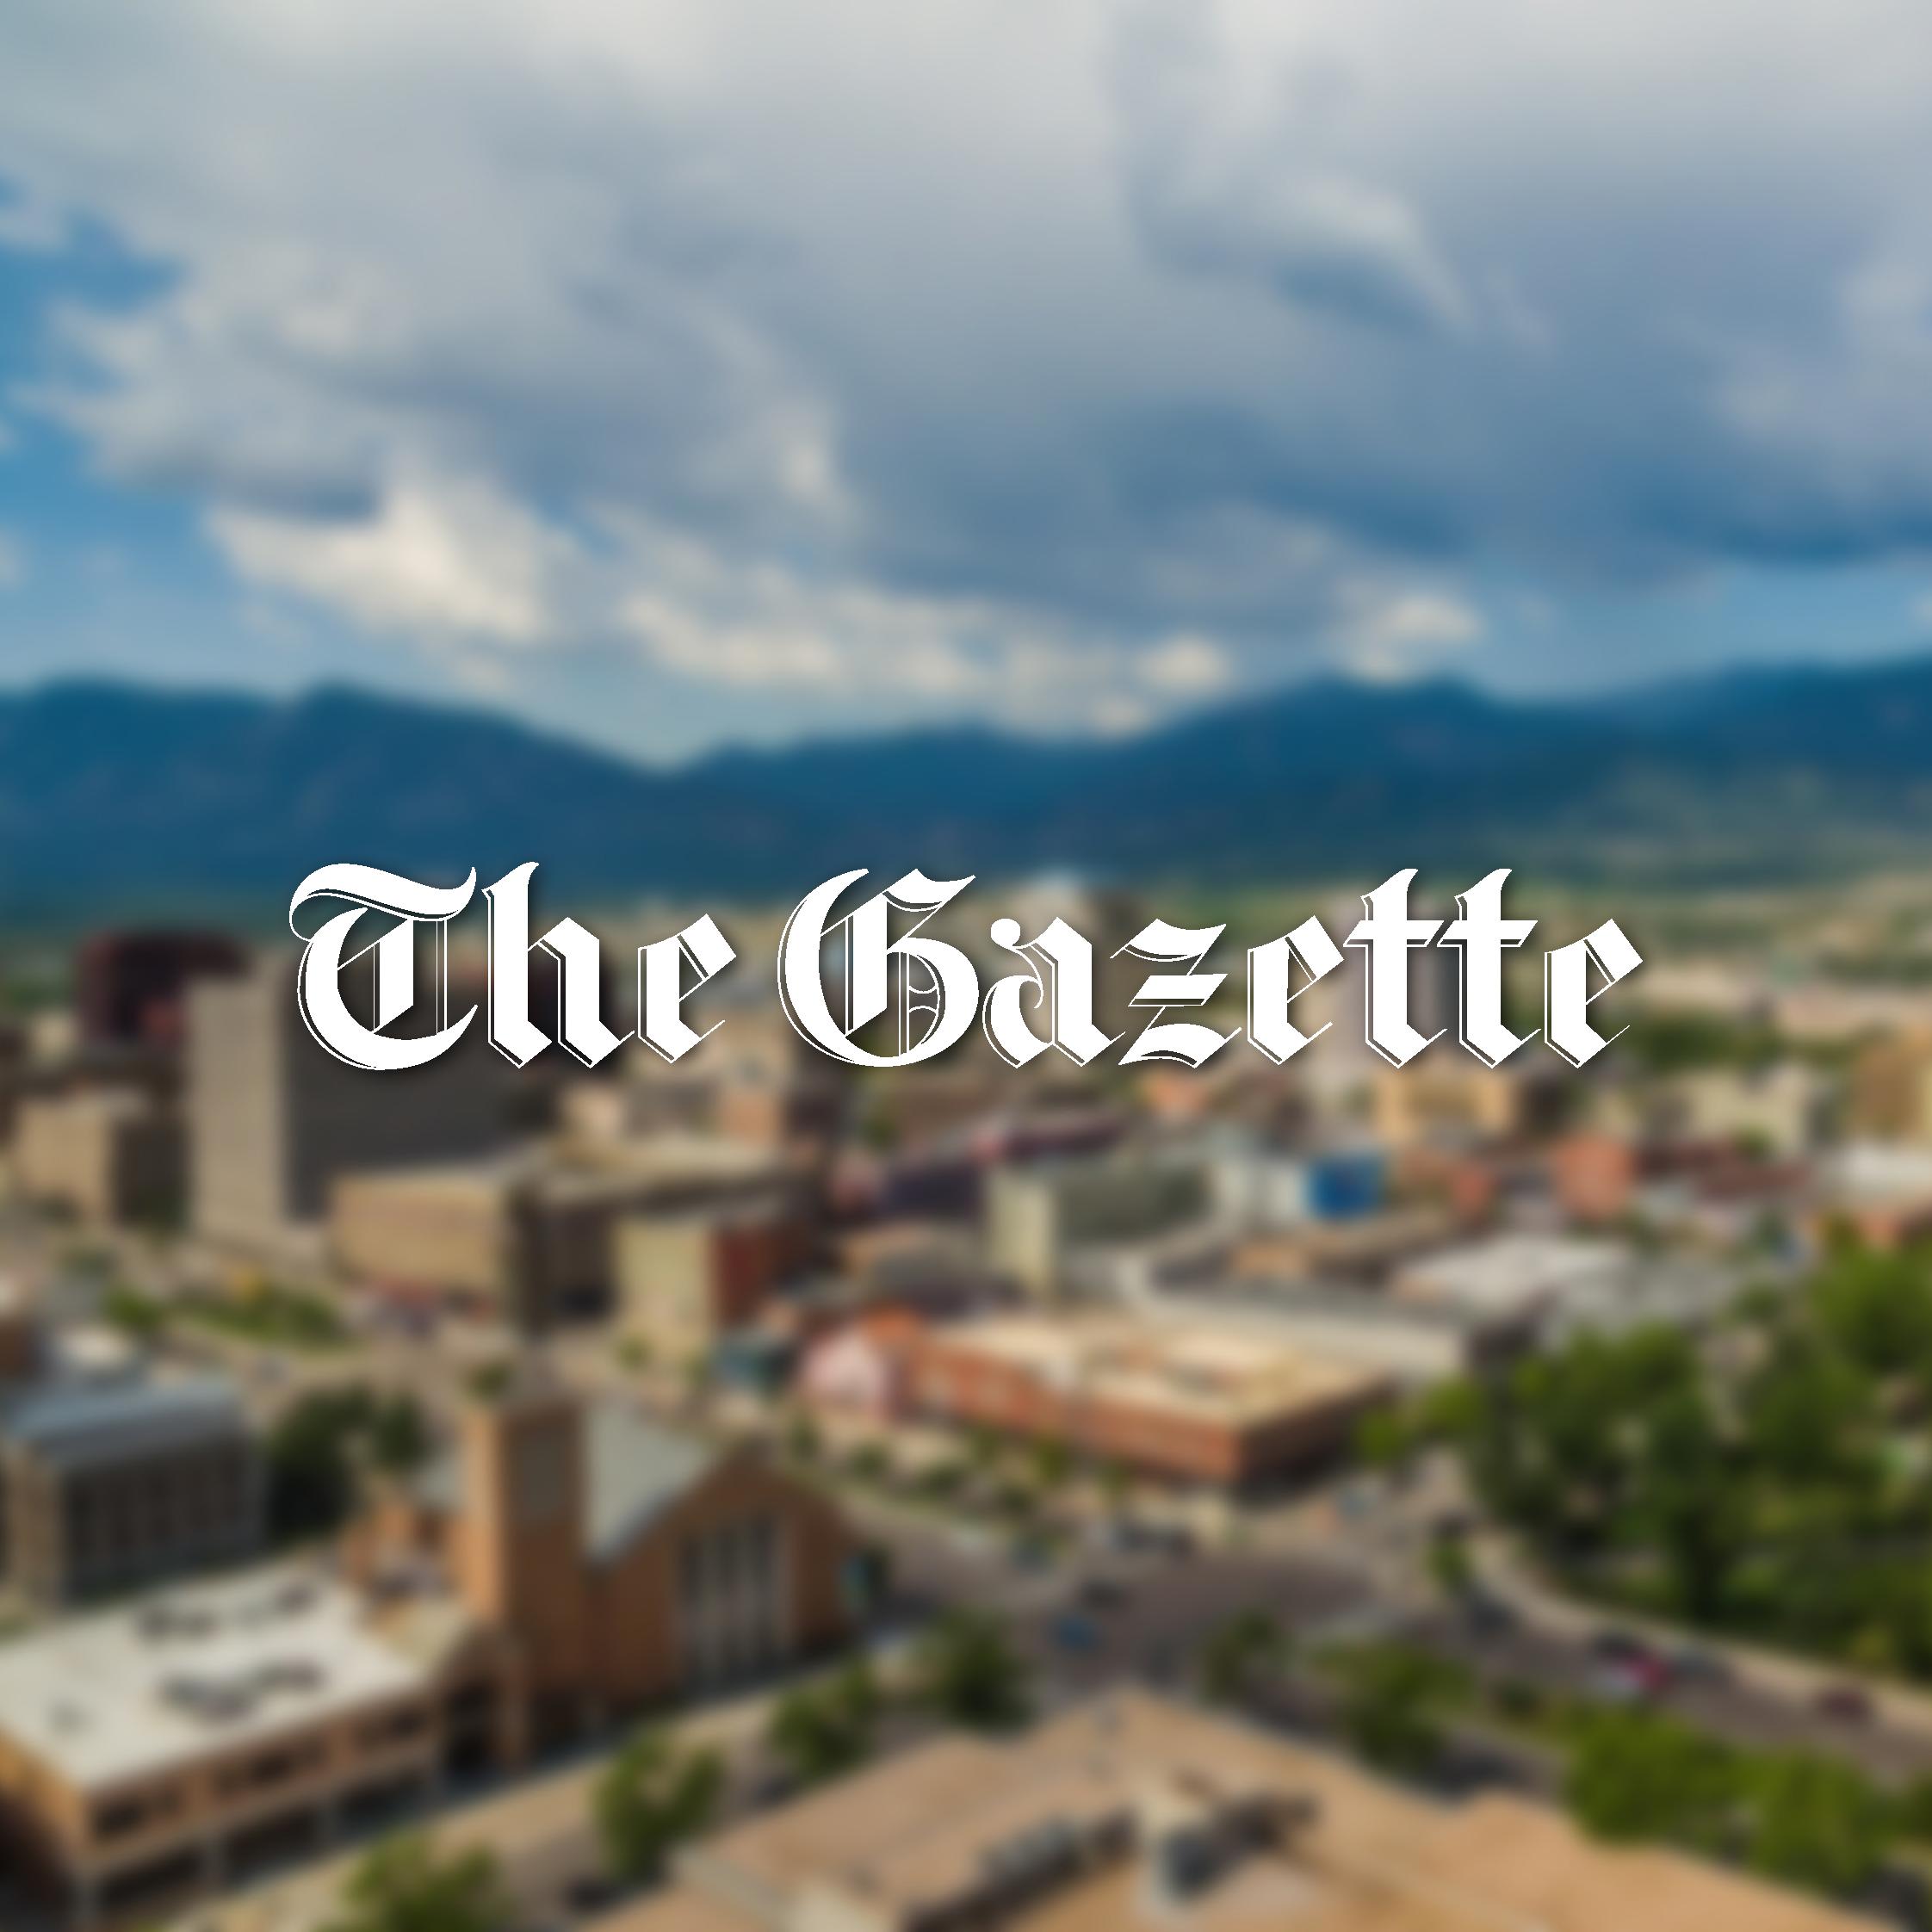 Colorado Springs Gazette